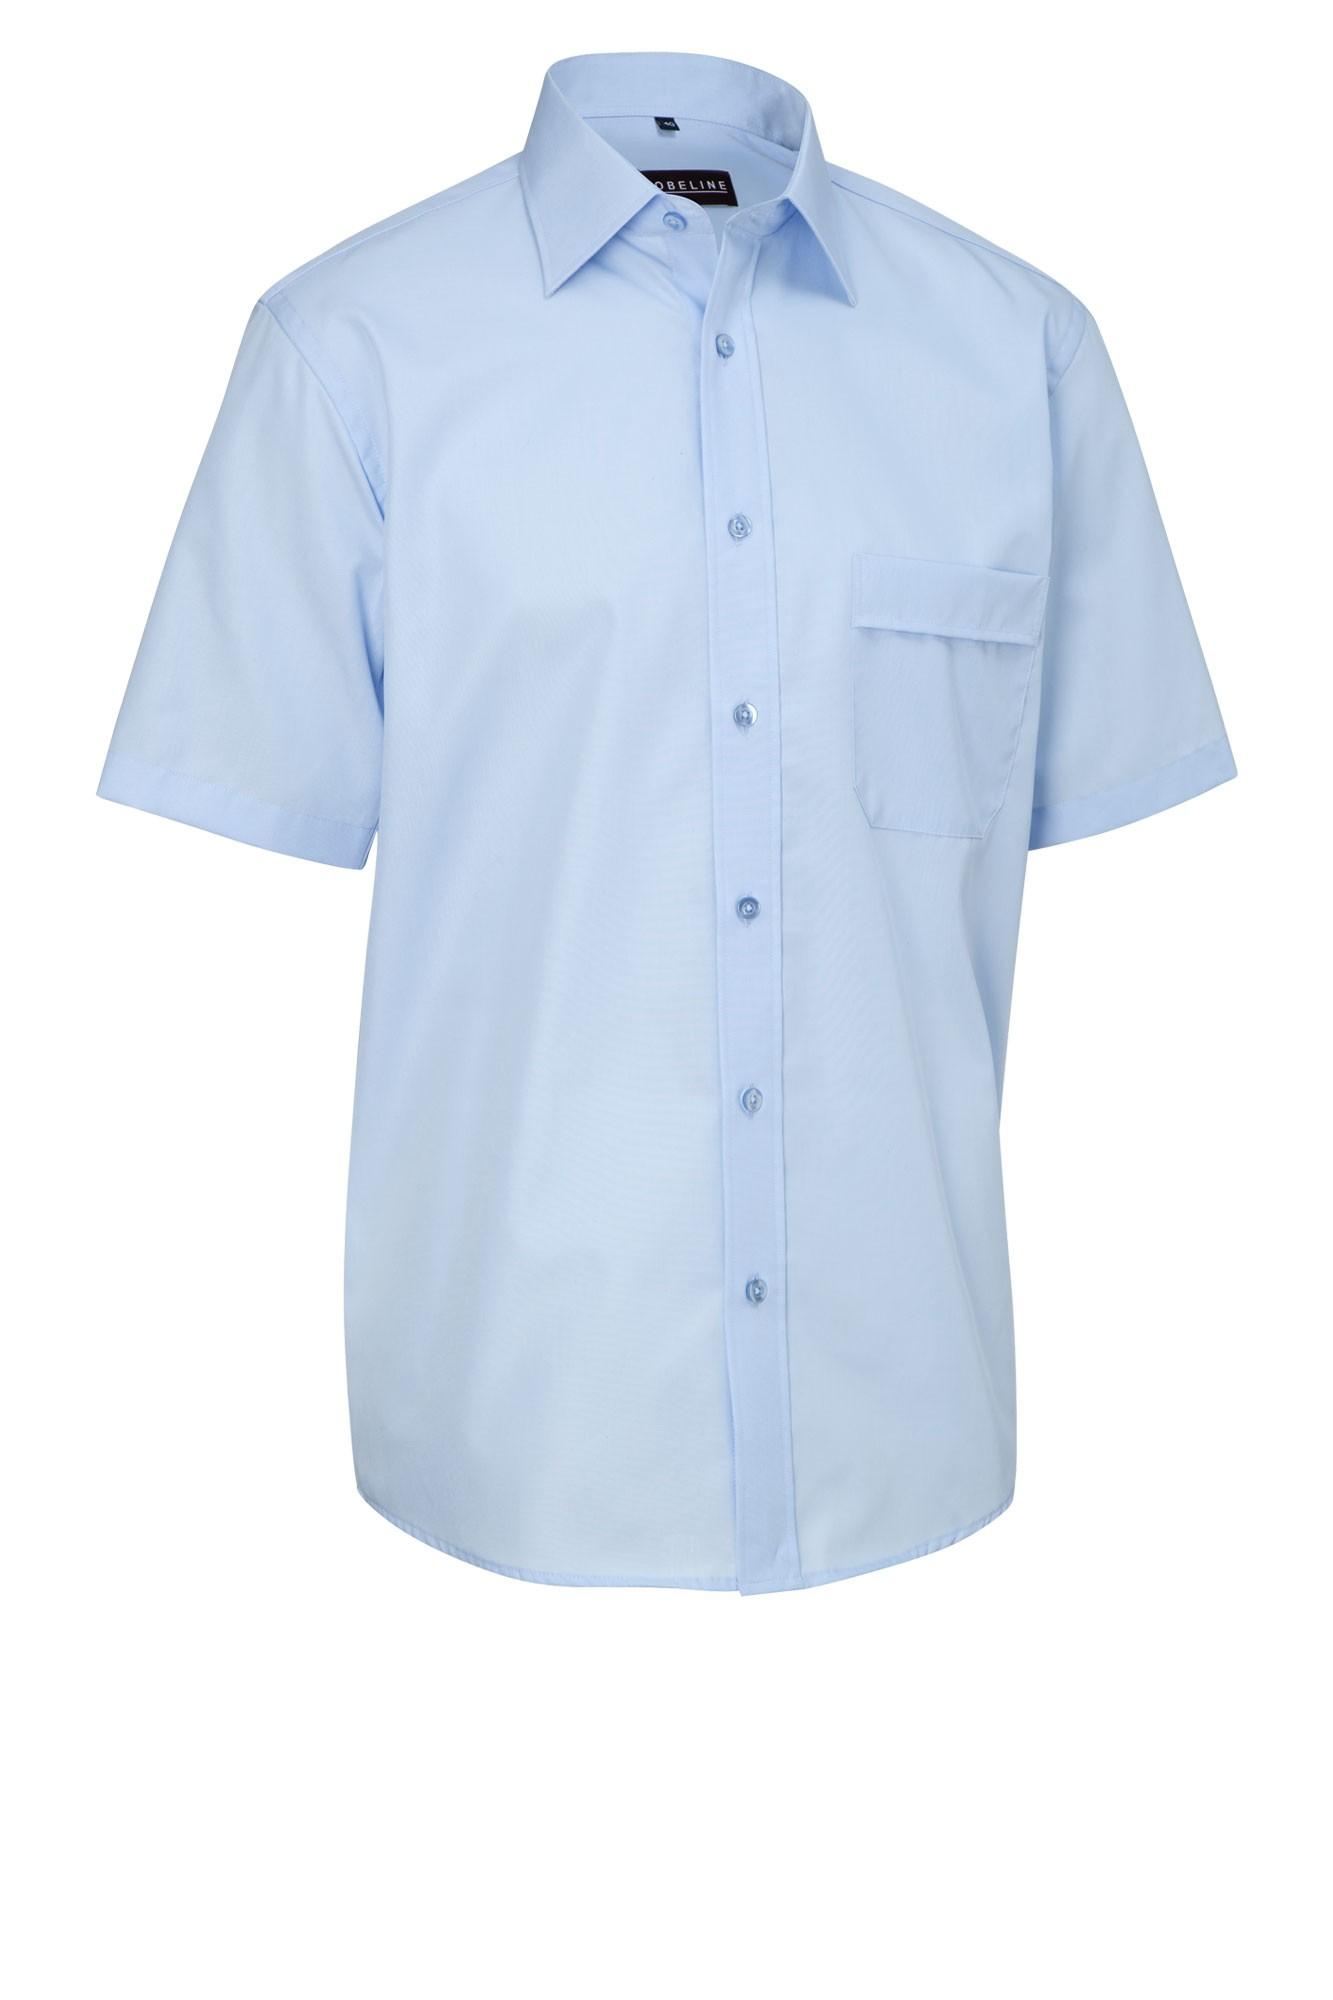 Pánská košile Marc - sv. modrá/krátký rukáv